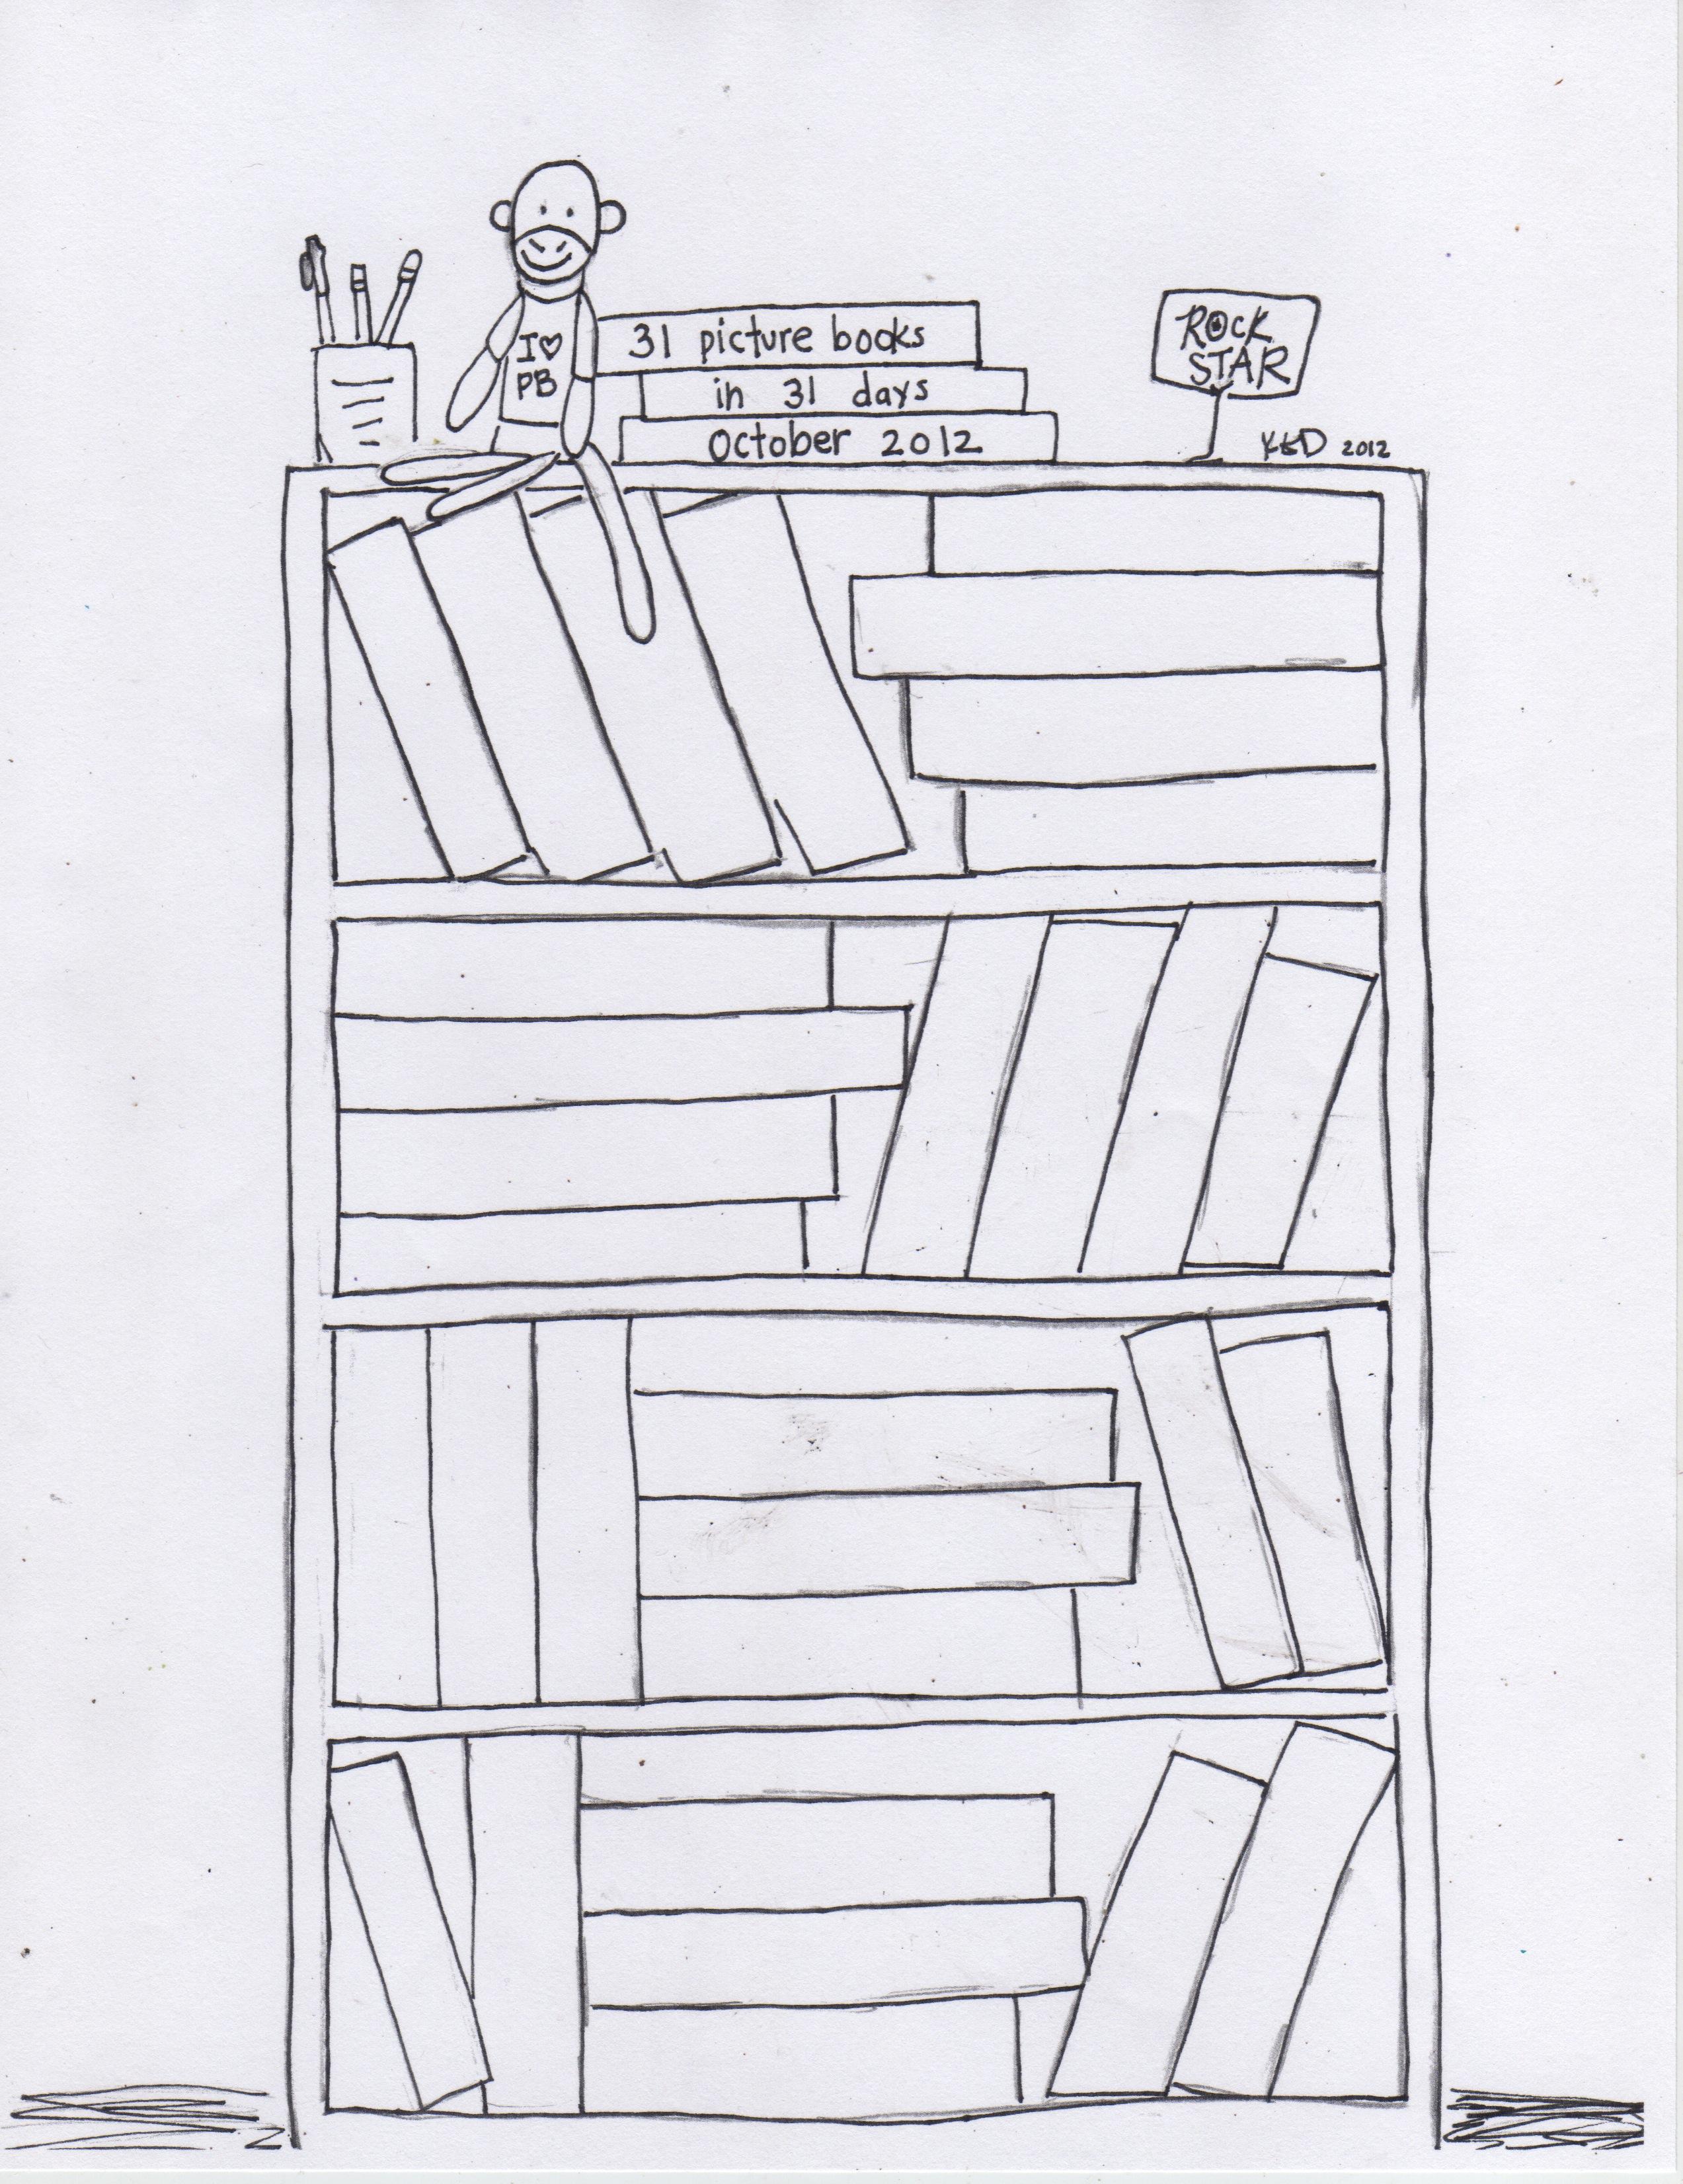 Book shelf ideas for a digital reader : books